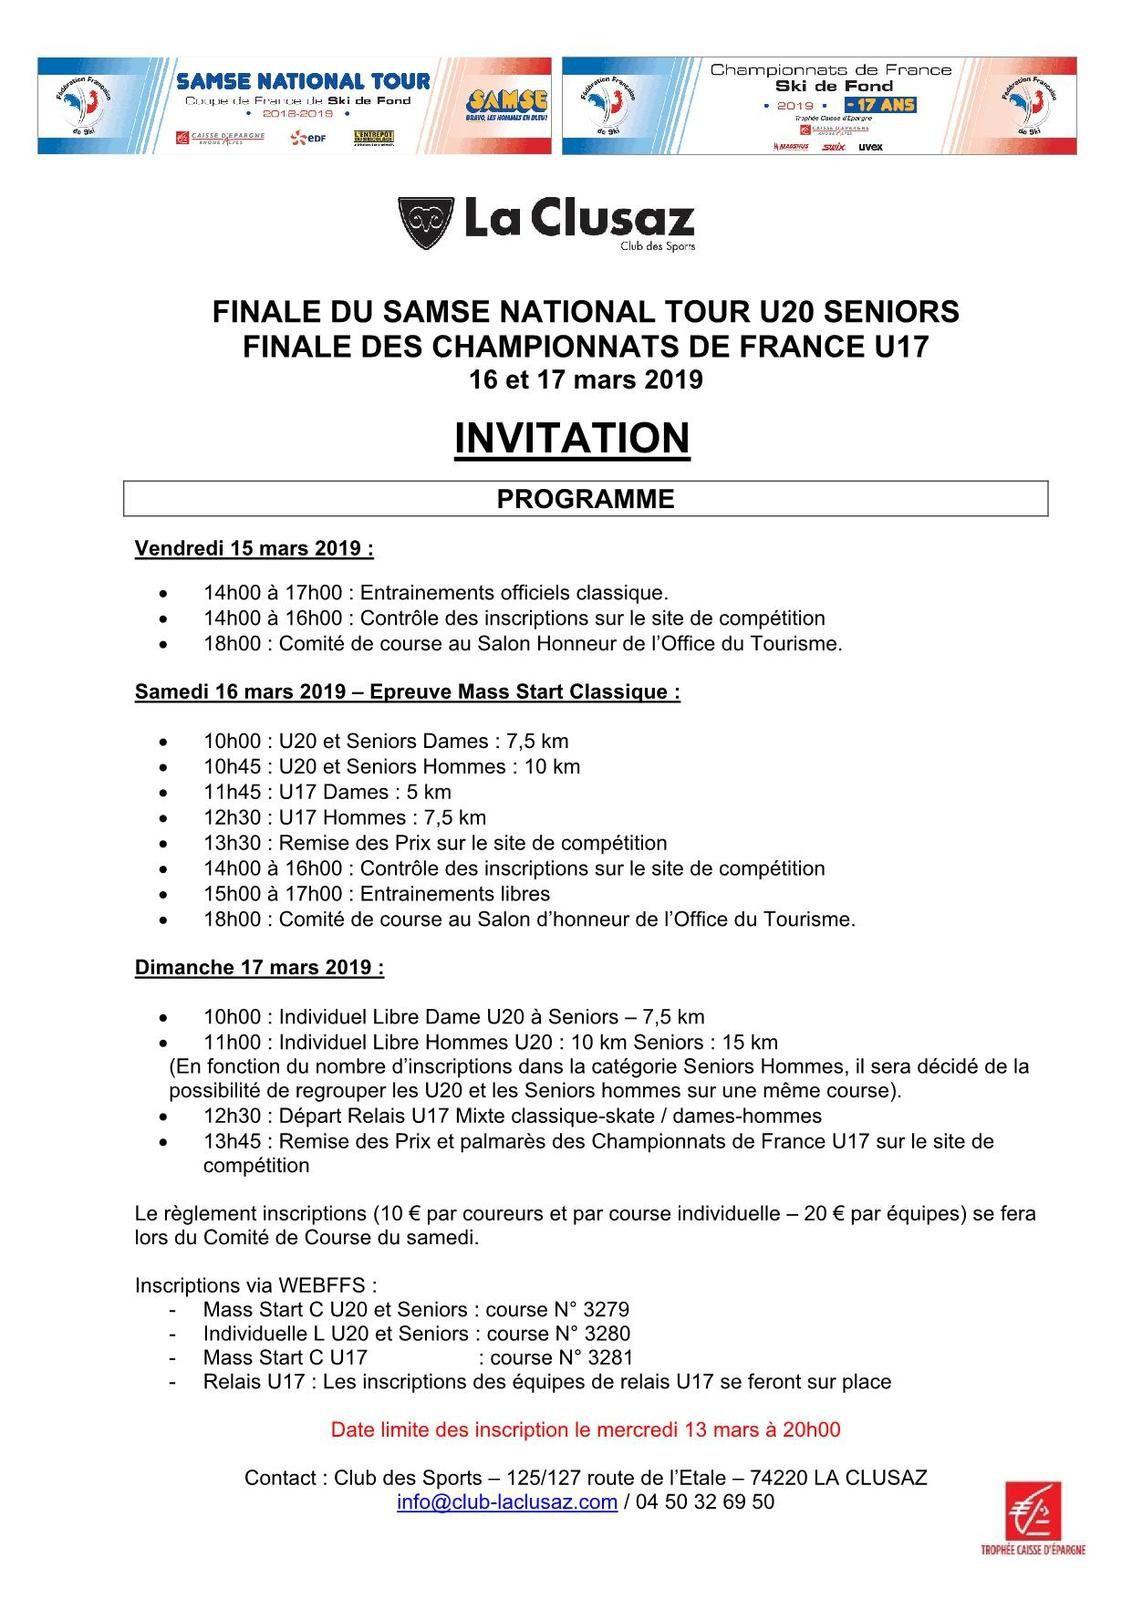 Finale des championnats de France U17 à La Clusaz.